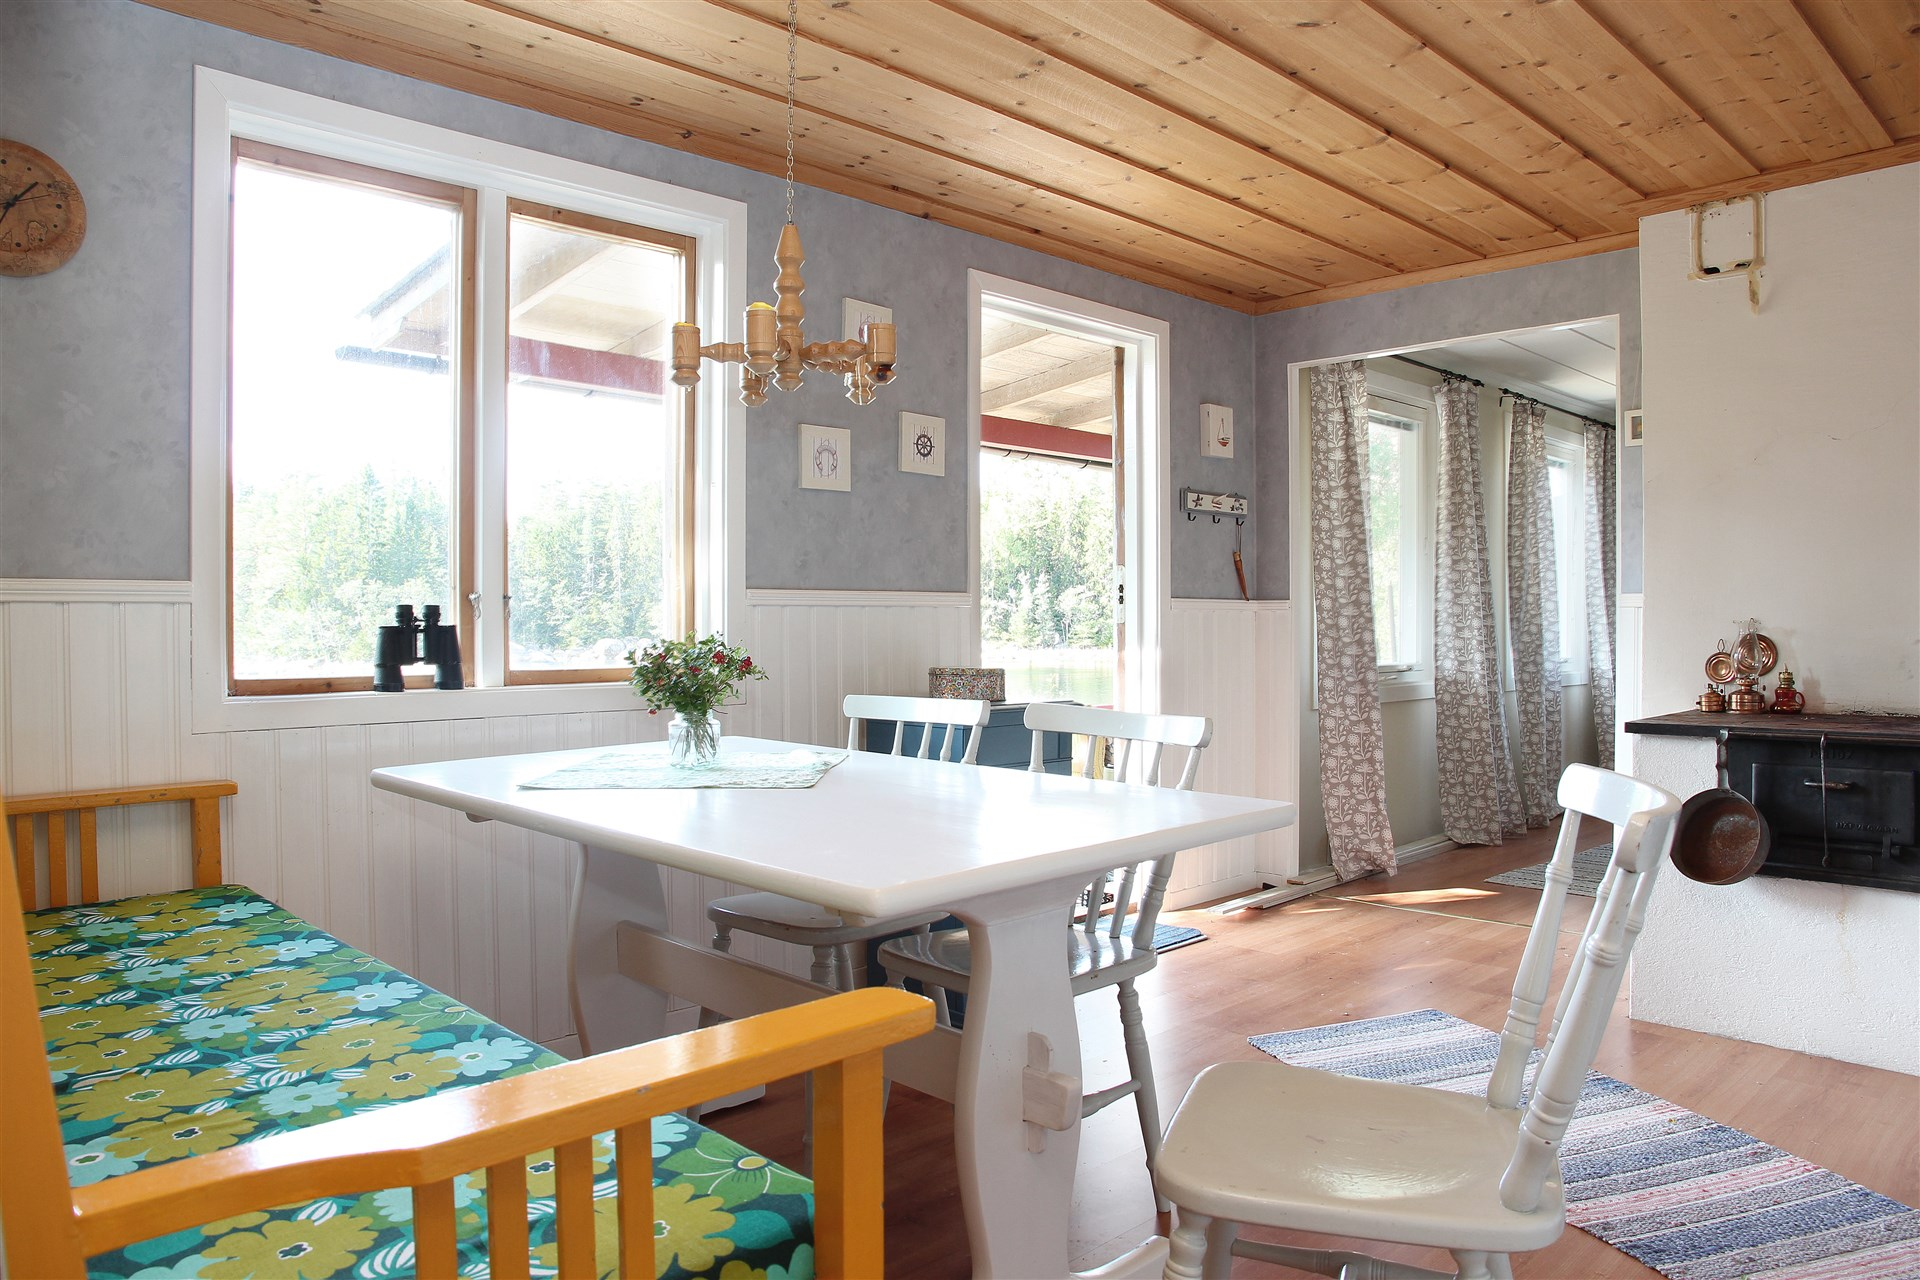 Rymligt kök med hall, matplats och bänkyta